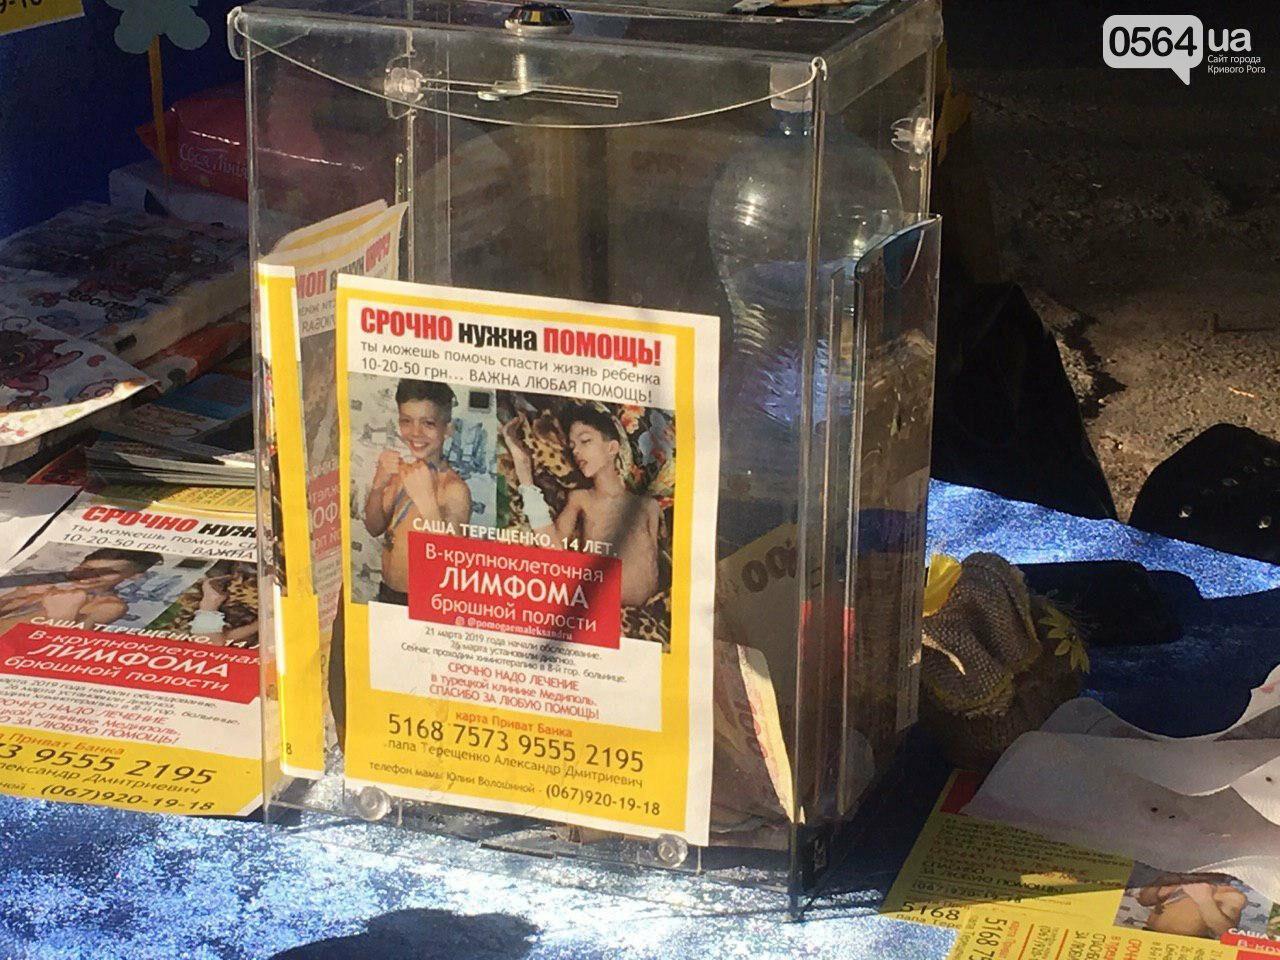 Криворожанам удалось собрать несколько тысяч гривен на фестивале «MagiCity Touch» для тяжело больного ребенка, - ФОТО, ВИДЕО  , фото-2